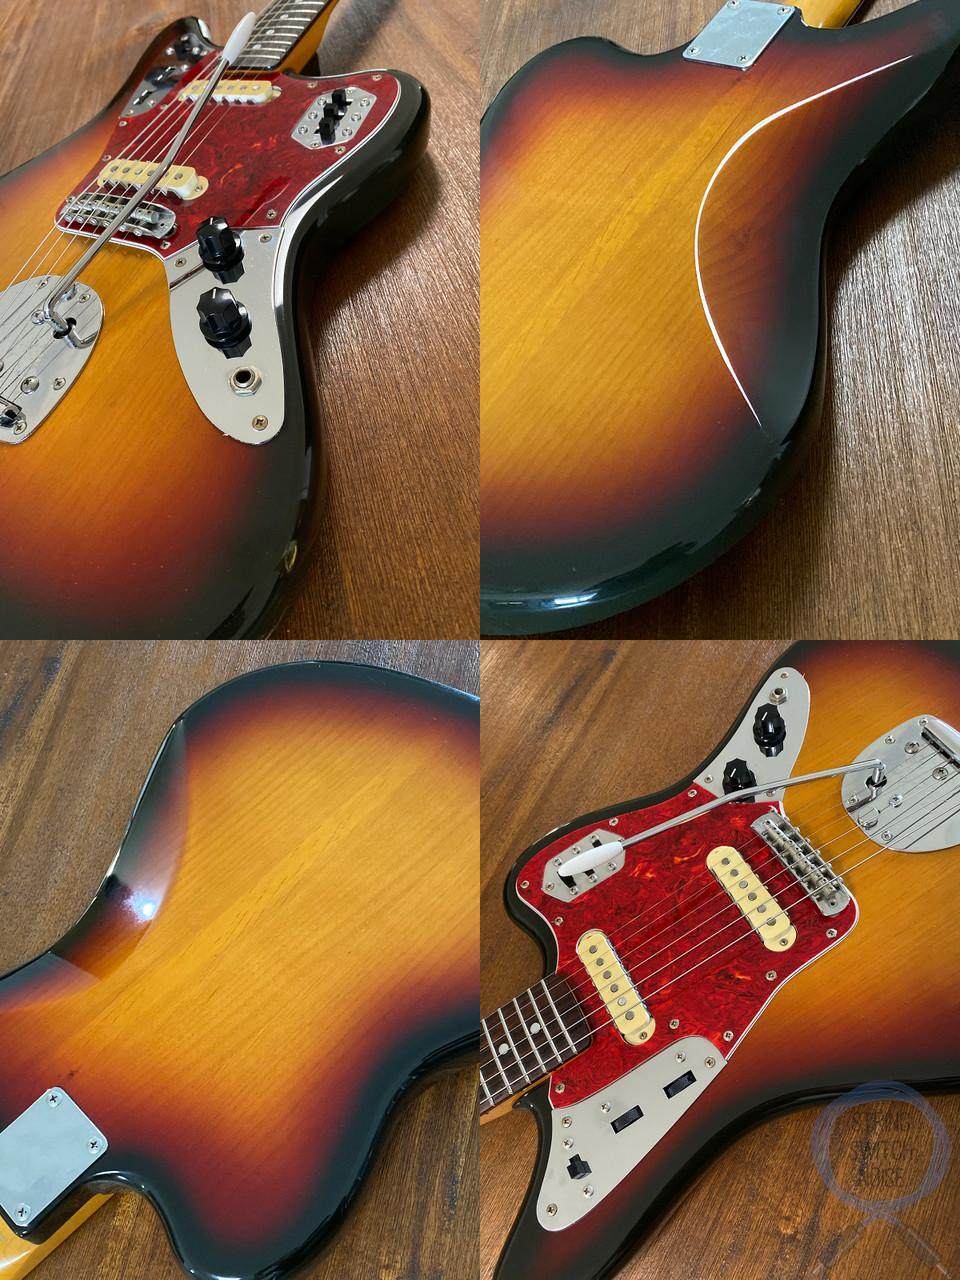 Fender Jaguar, '66, 3 Tone Sunburst, 1993, Alder Body